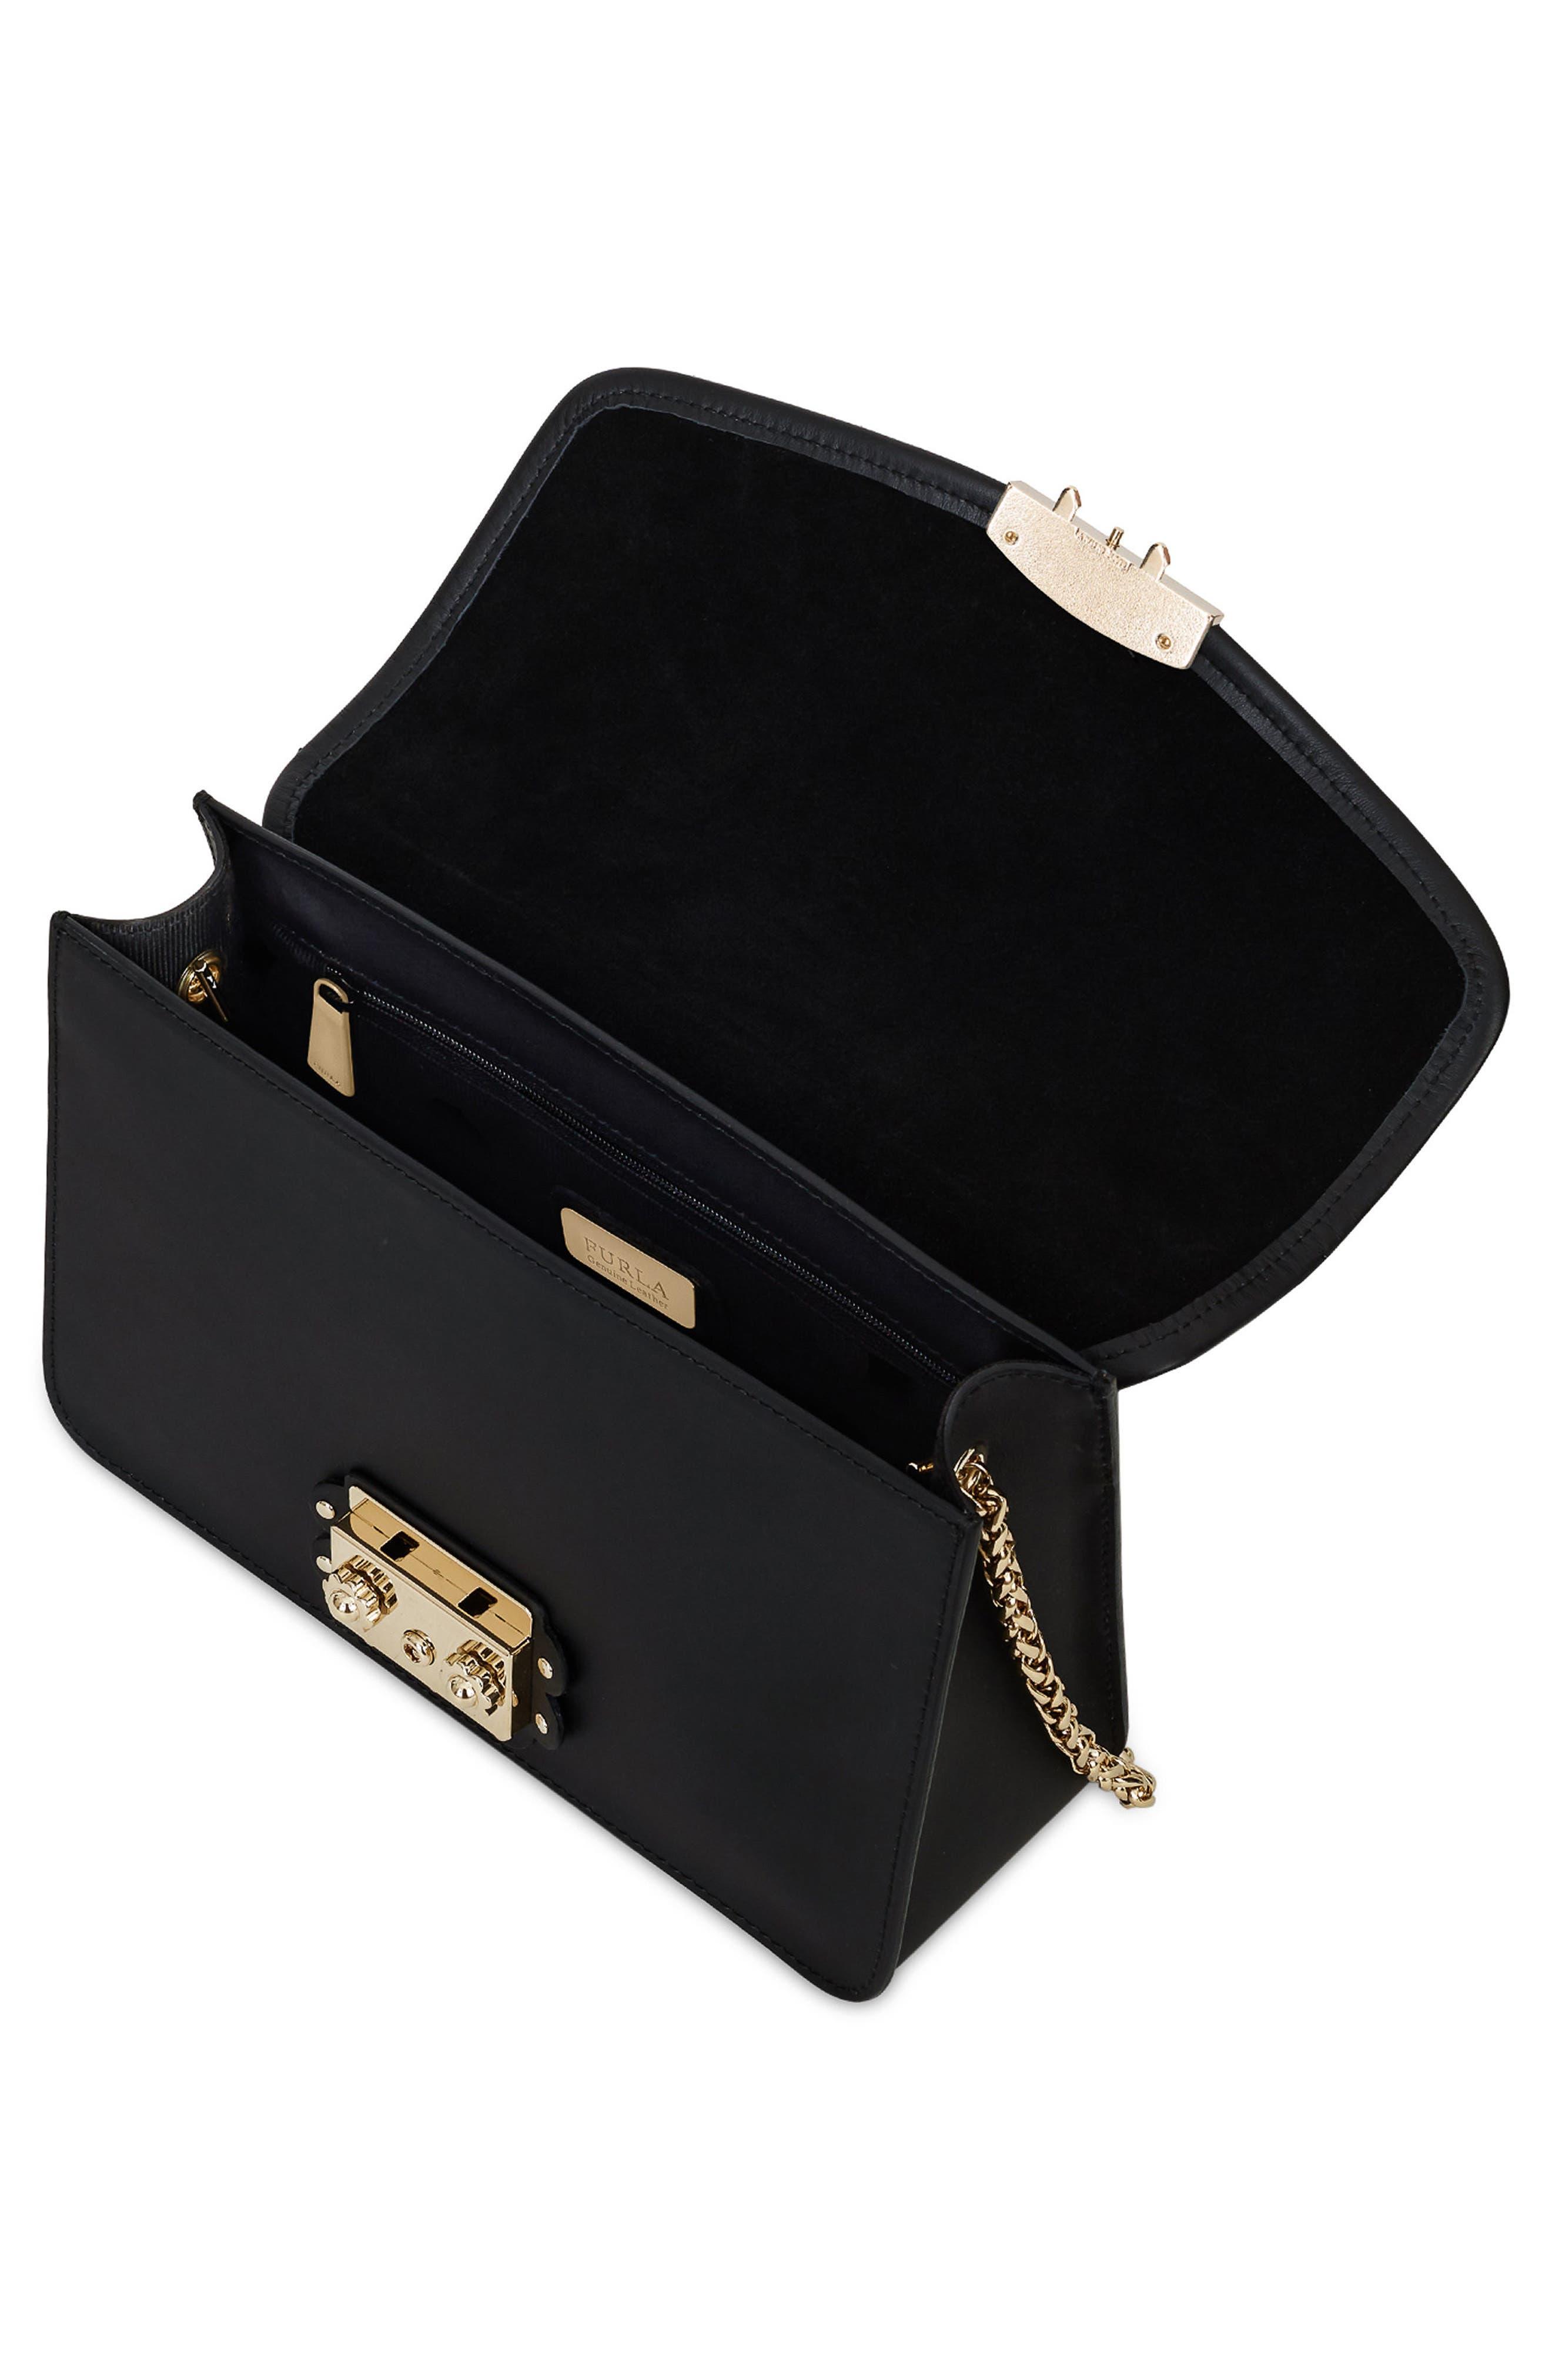 Metropolis Arabesque Leather Shoulder Bag,                             Alternate thumbnail 2, color,                             Onyx